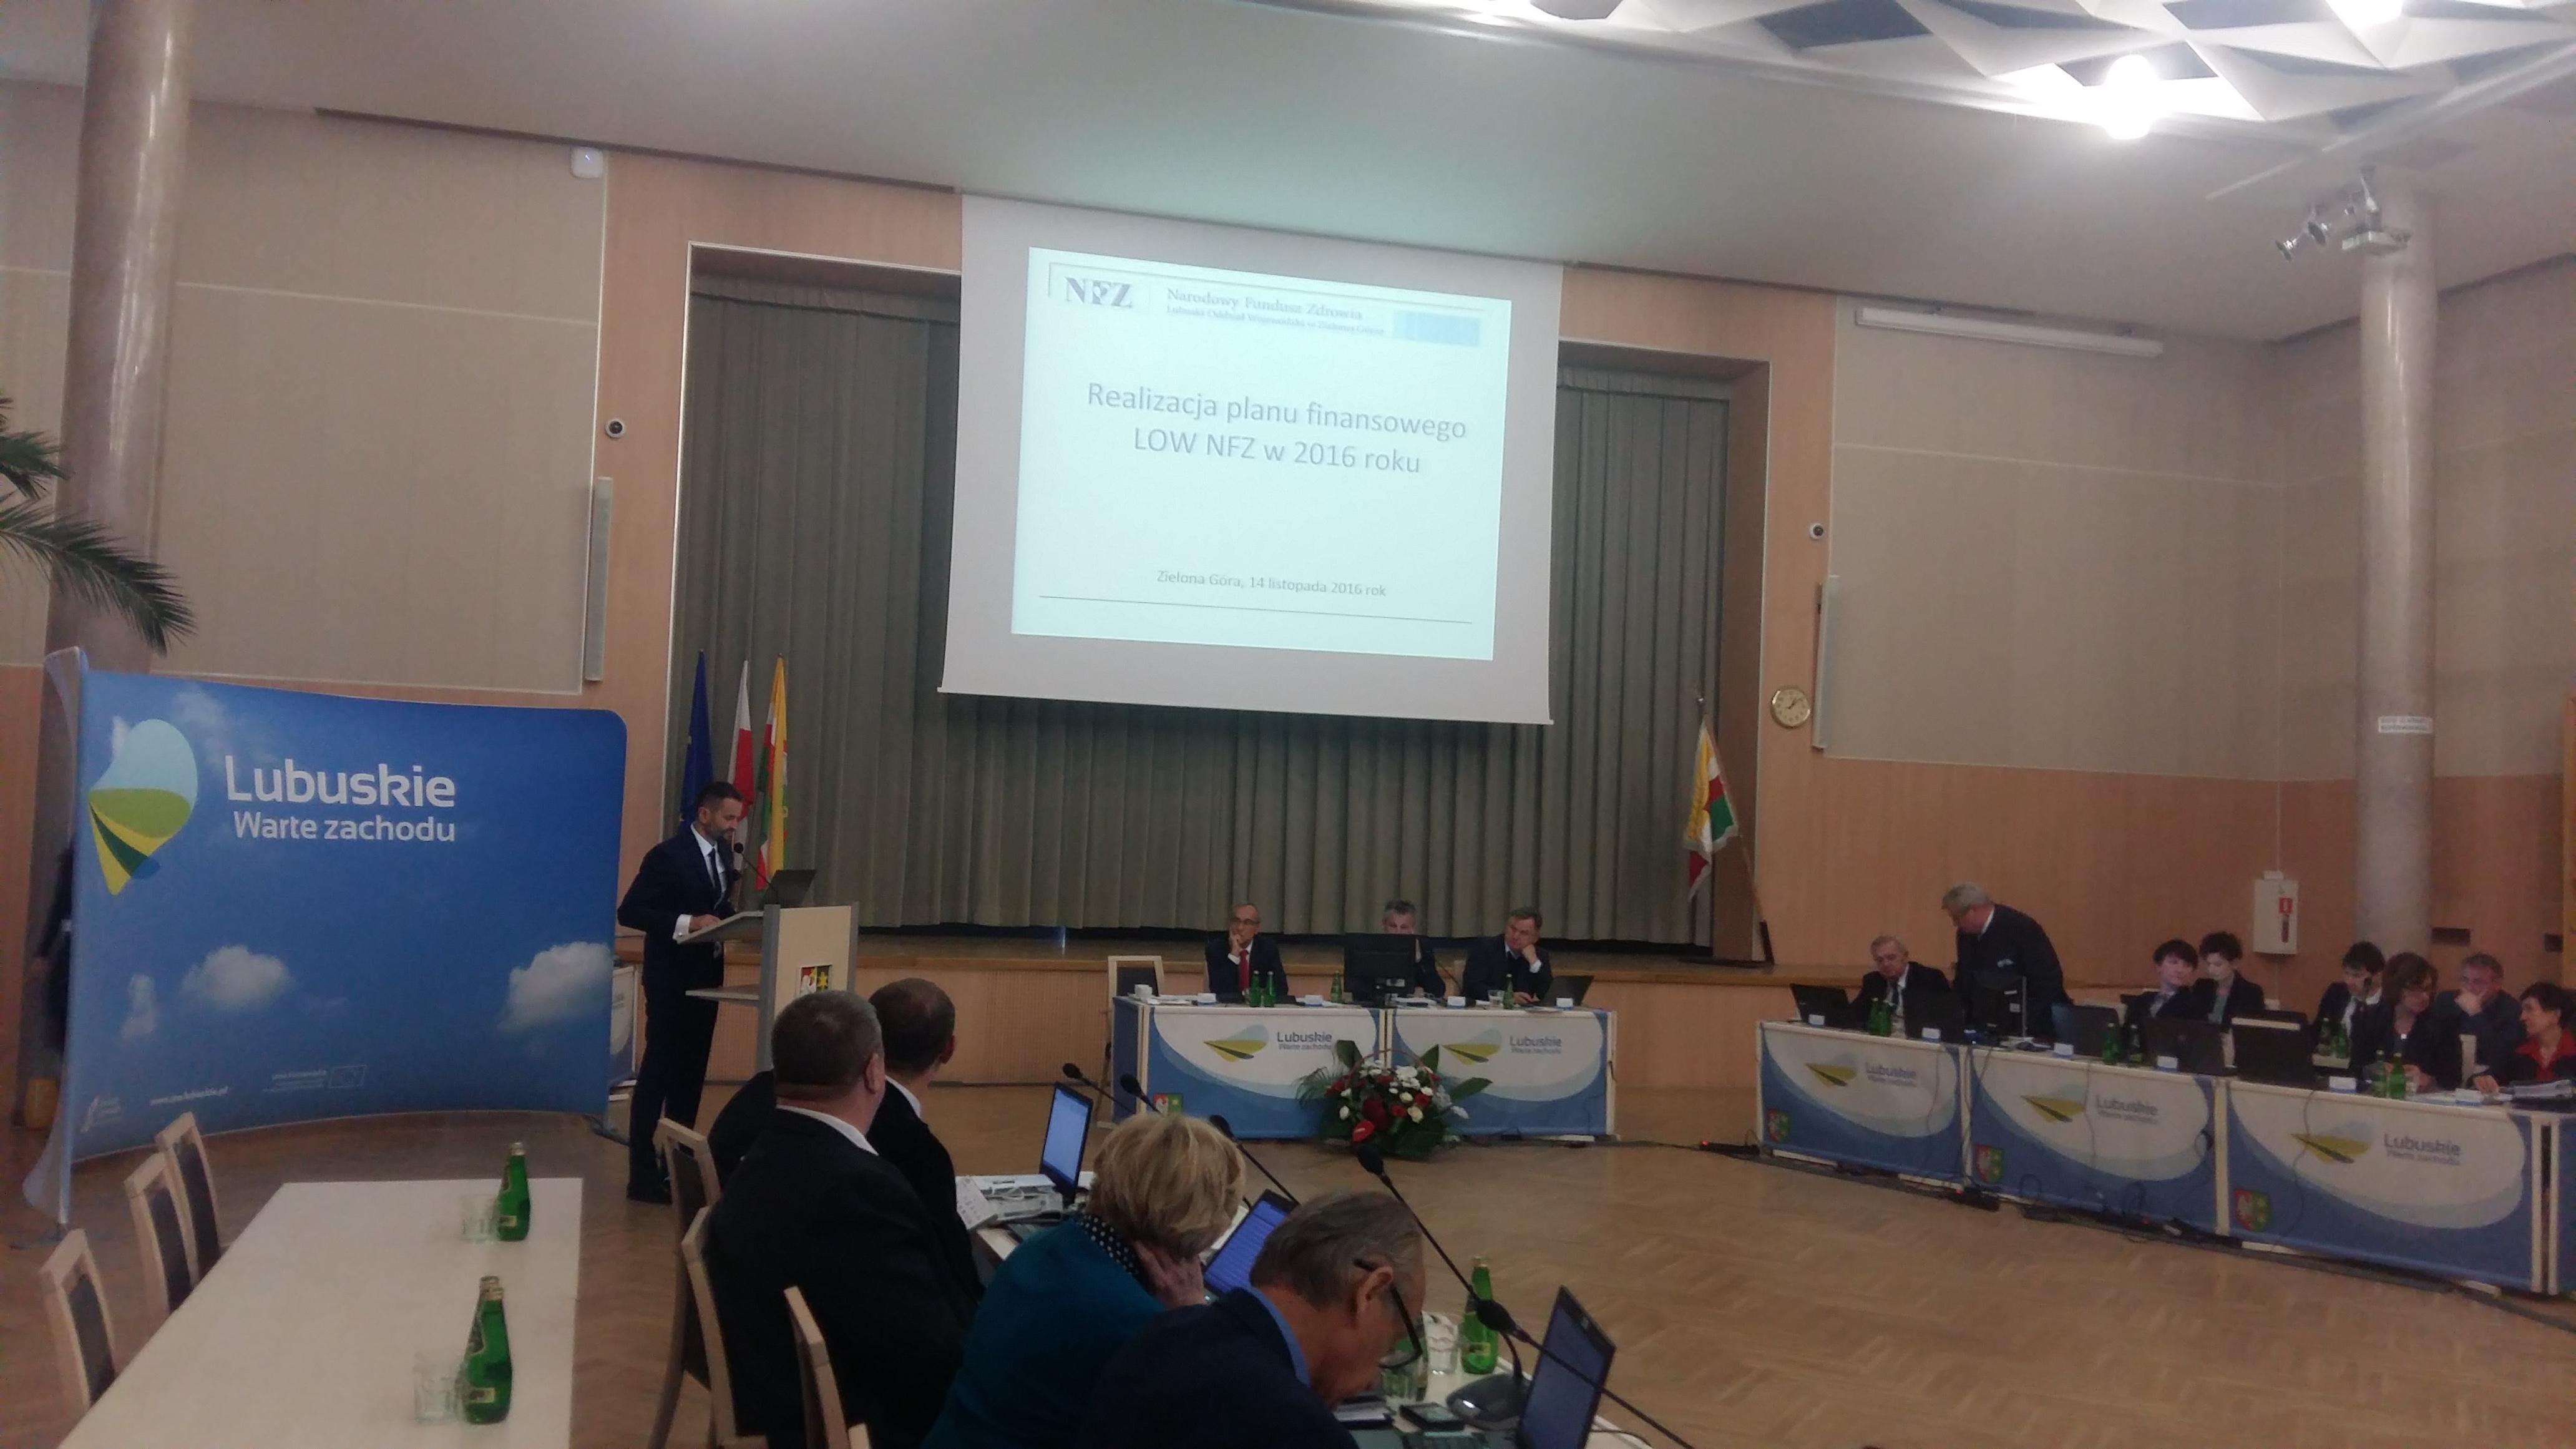 Ilustracja do informacji: LOW NFZ na XXV sesji sejmiku województwa lubuskiego